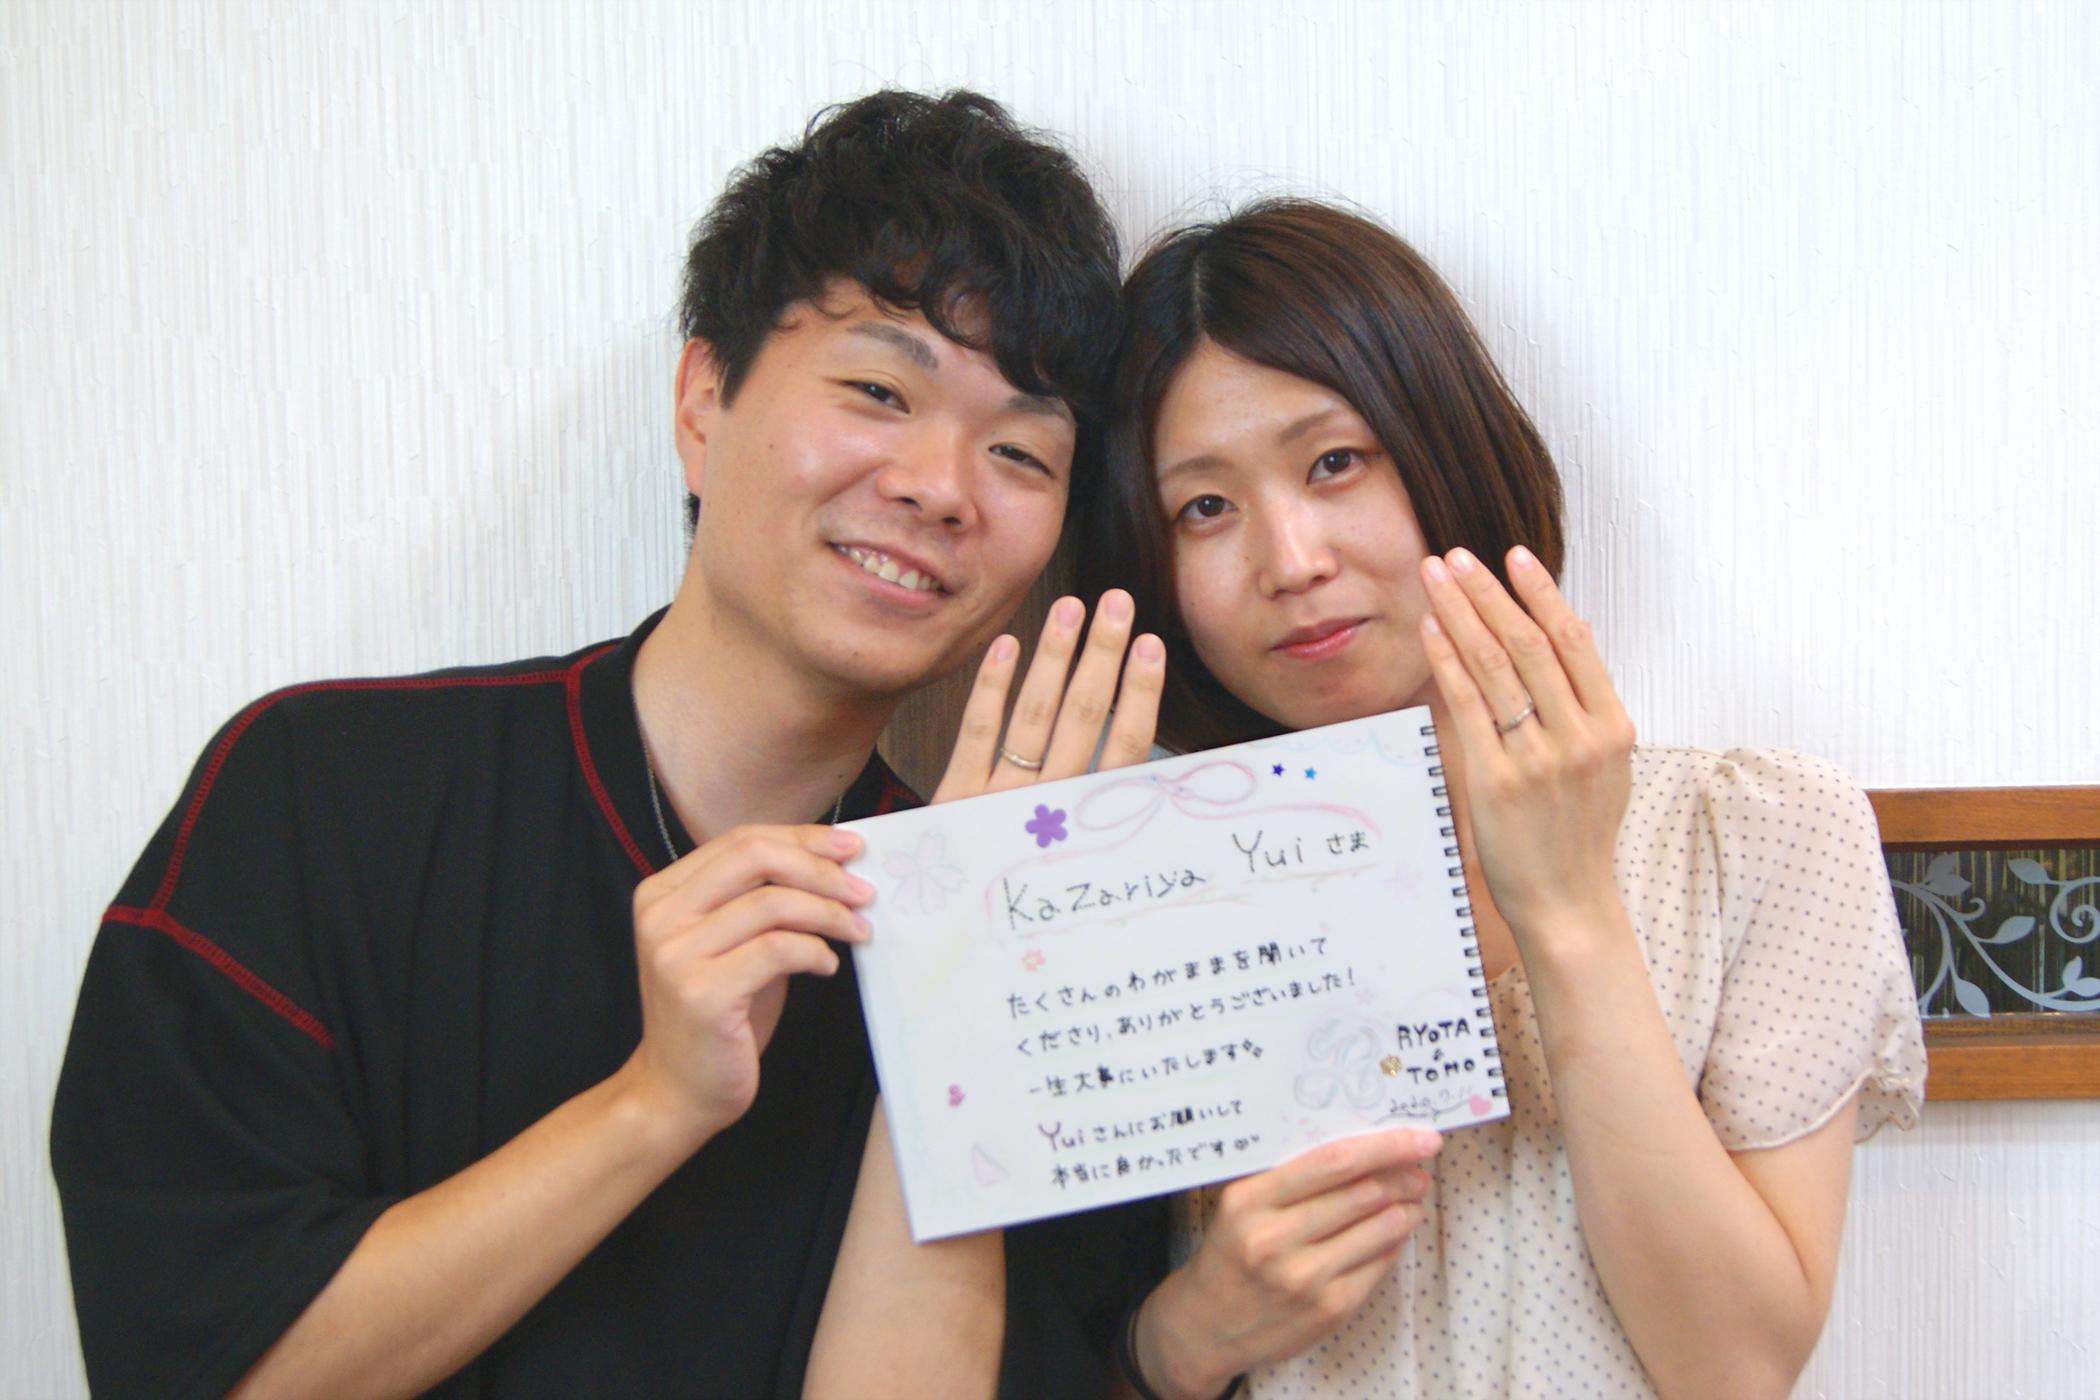 結婚指輪をご依頼頂きましたいわき市からお越しの猪狩さんご夫妻/kazariyaYui福島県郡山市